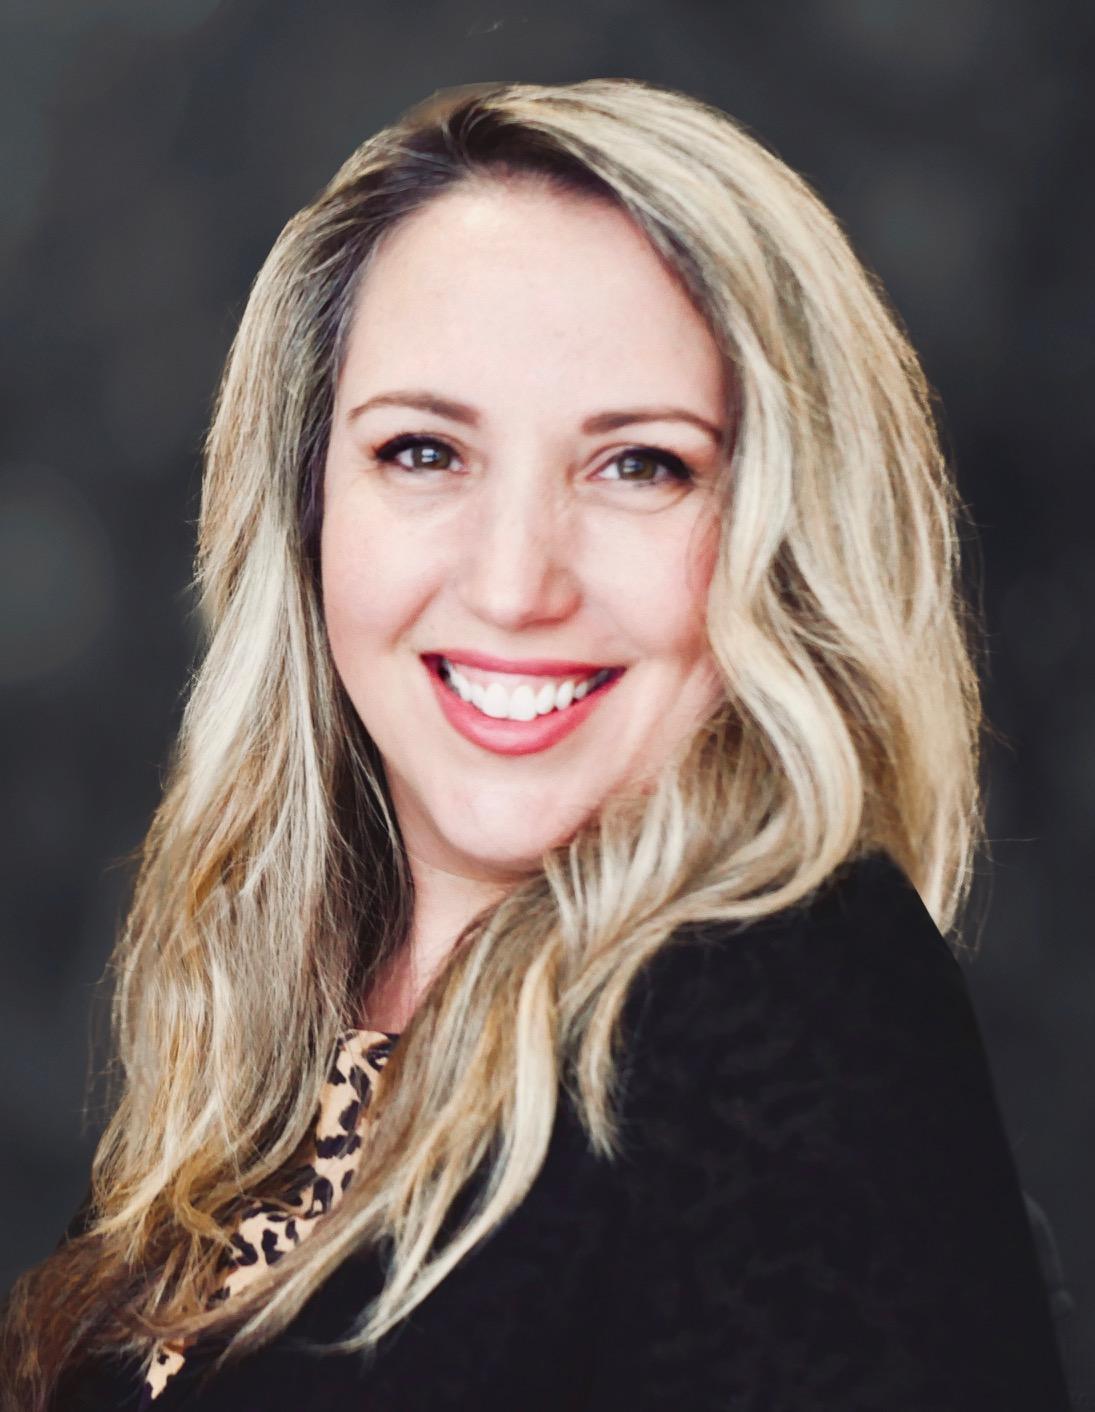 Erica Laquidara